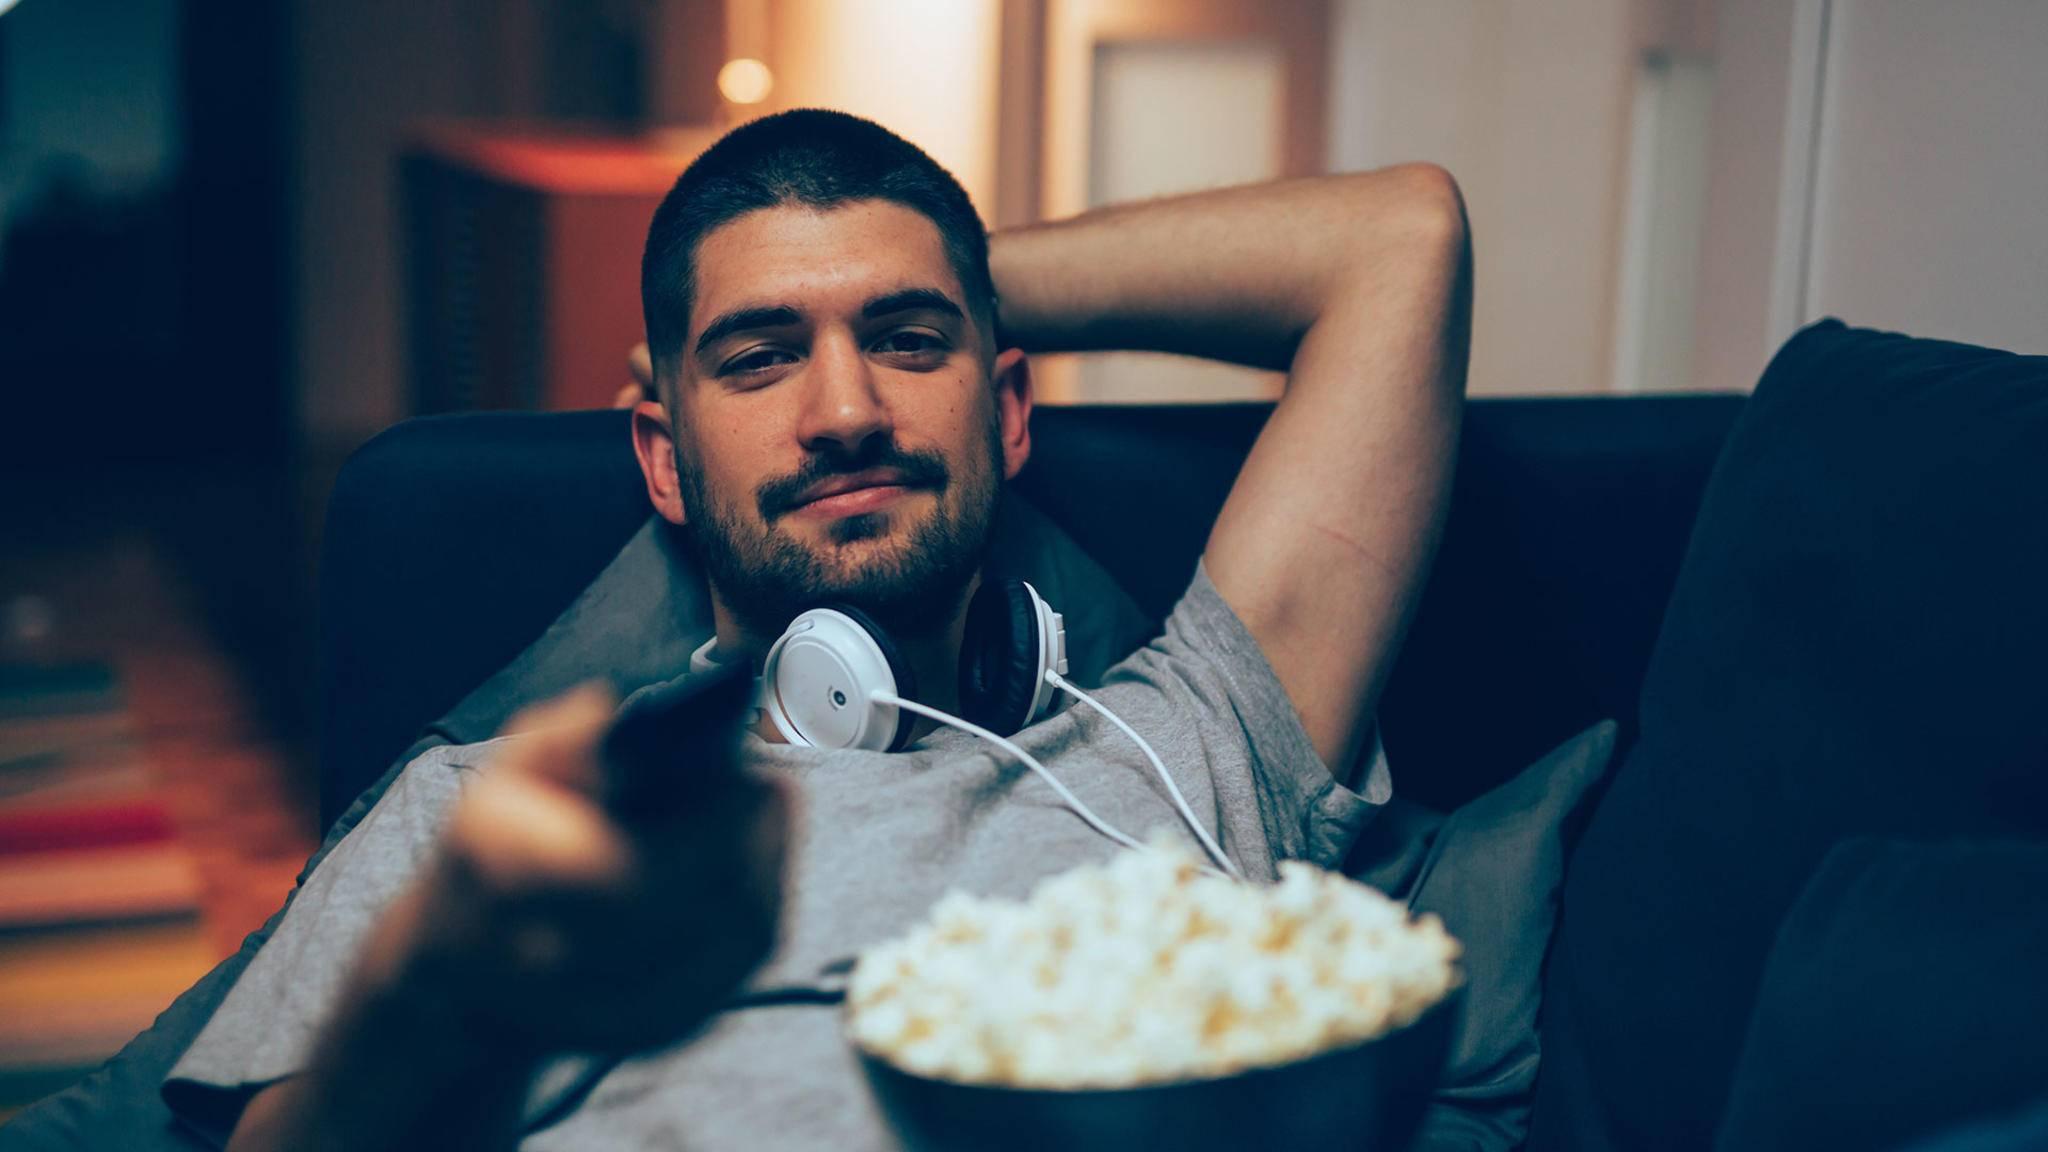 Per Kopfhörer ungestört nachts fernsehen.